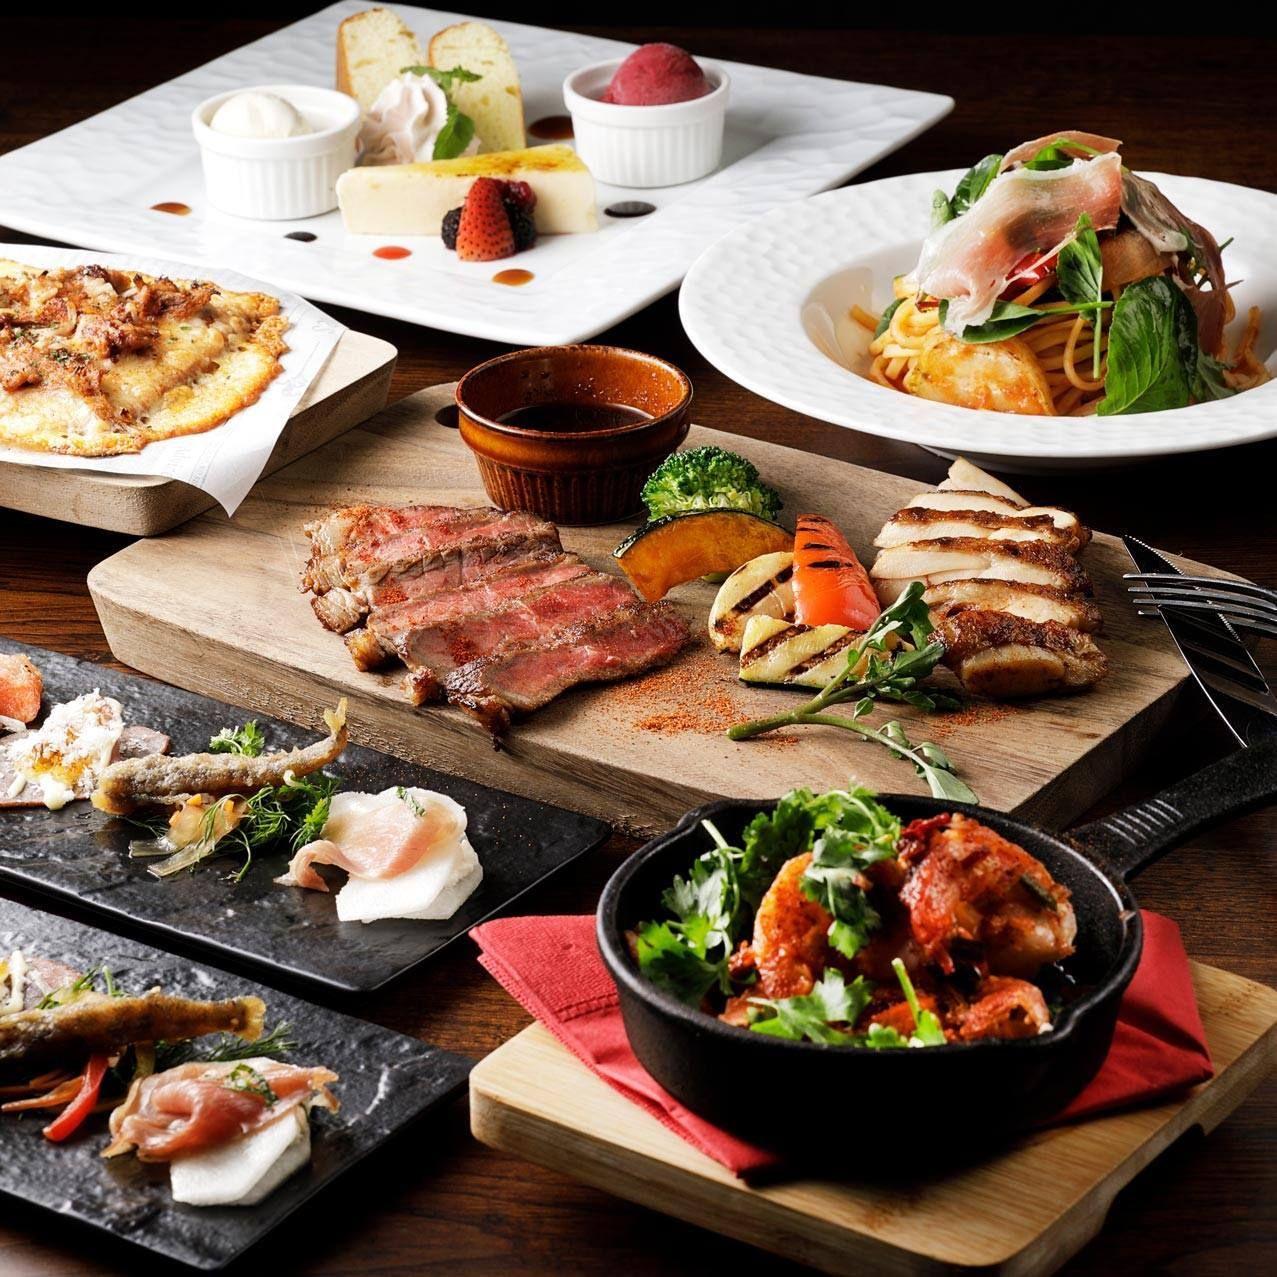 名古屋駅から徒歩1分という好立地が嬉しいビアレストラン!